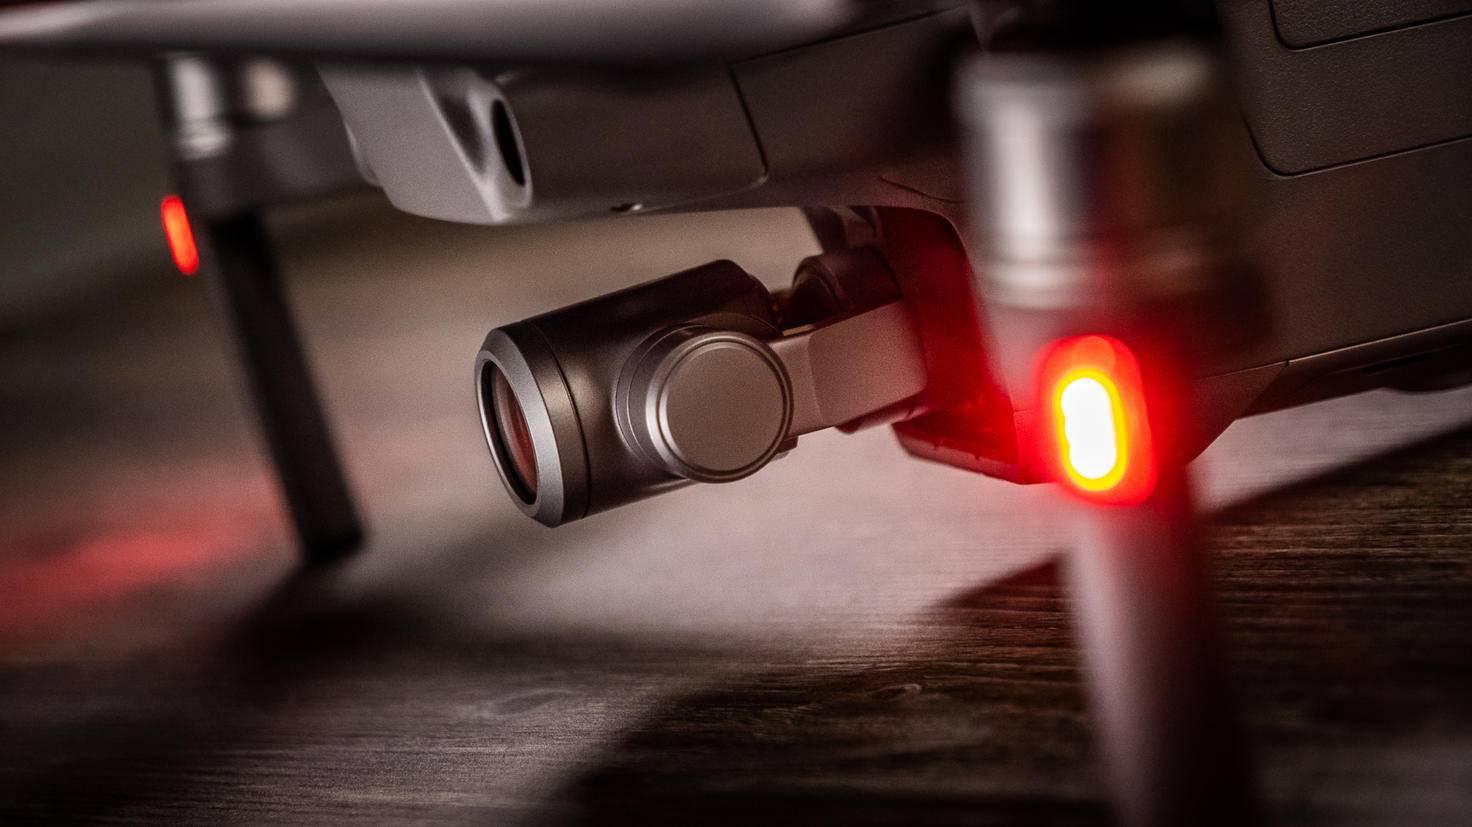 Die Kamera der Mavic 2 Zoom hat einen kleineren Bildsensor als die der Mavic 2 Pro.